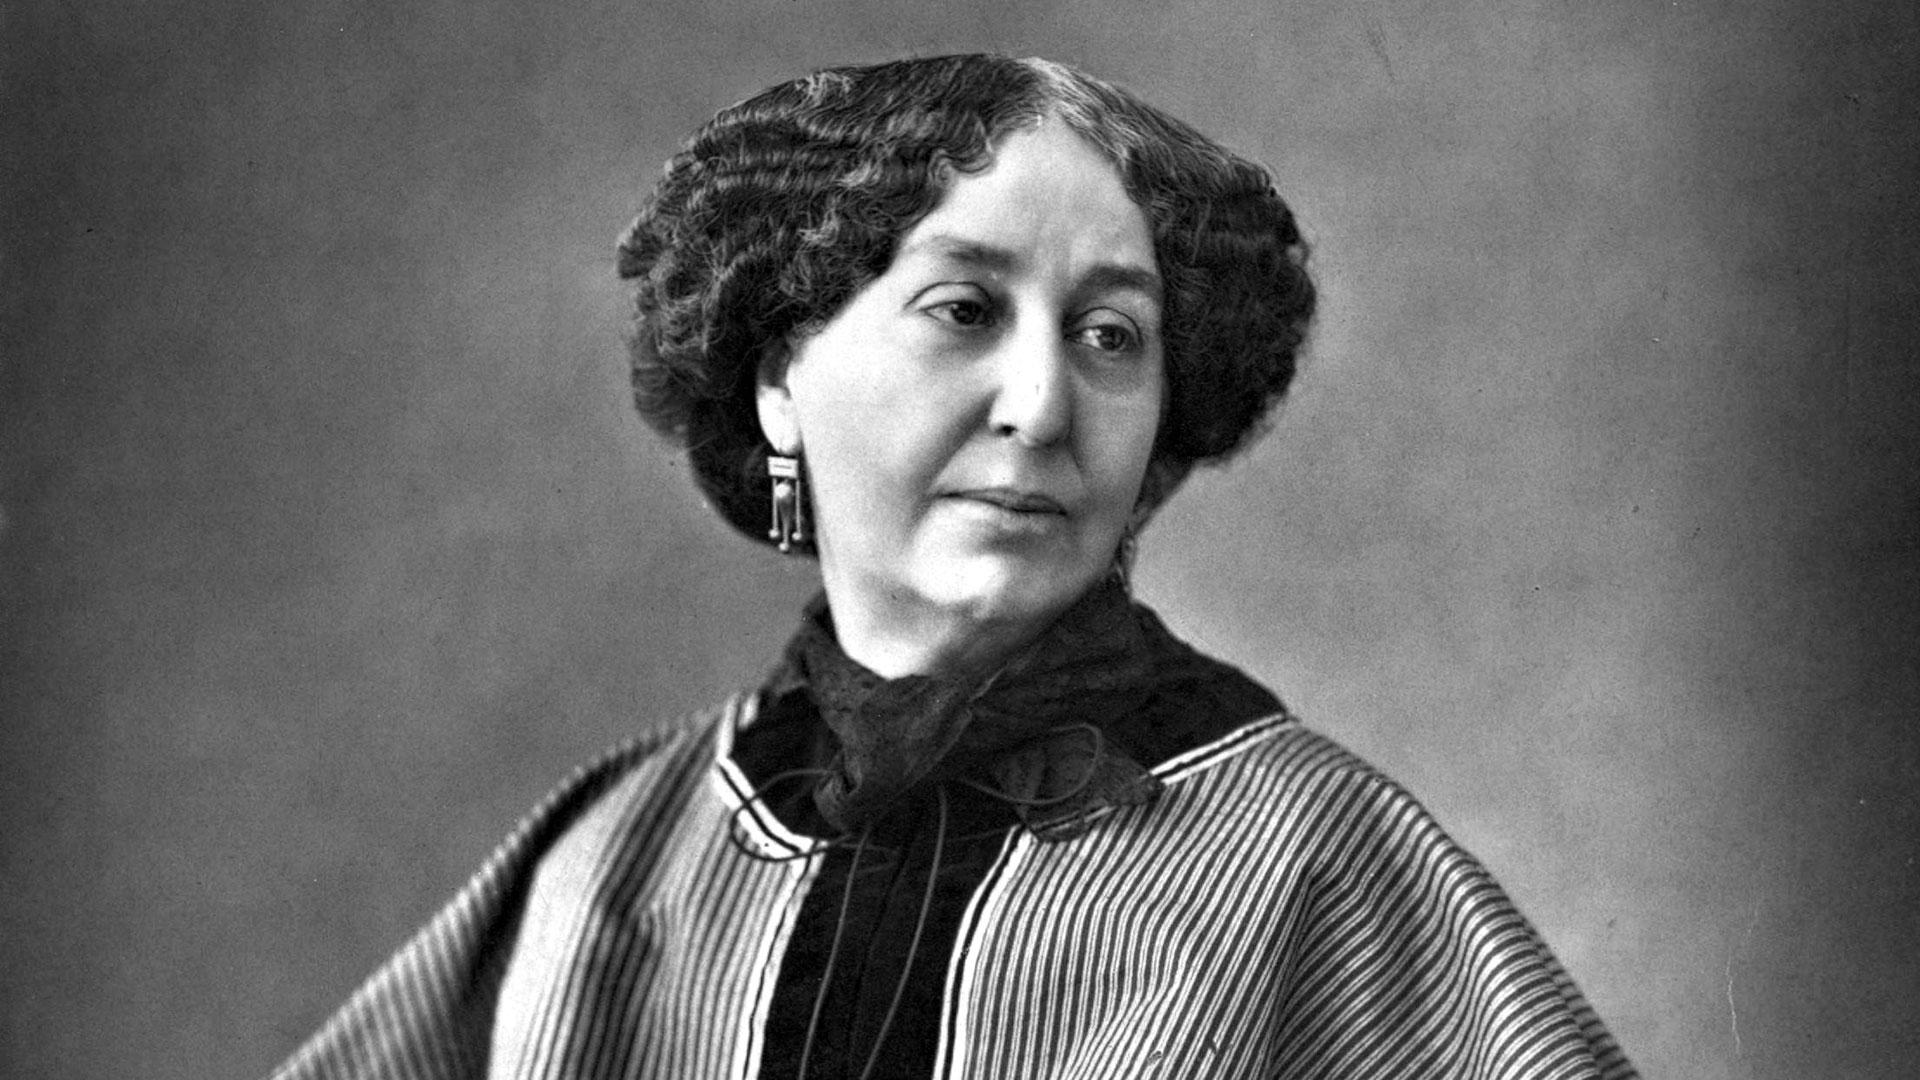 Amandine Aurore Lucile Dupin, conocida como George Sand, fue una de las escritoras más destacadas del SXIX.